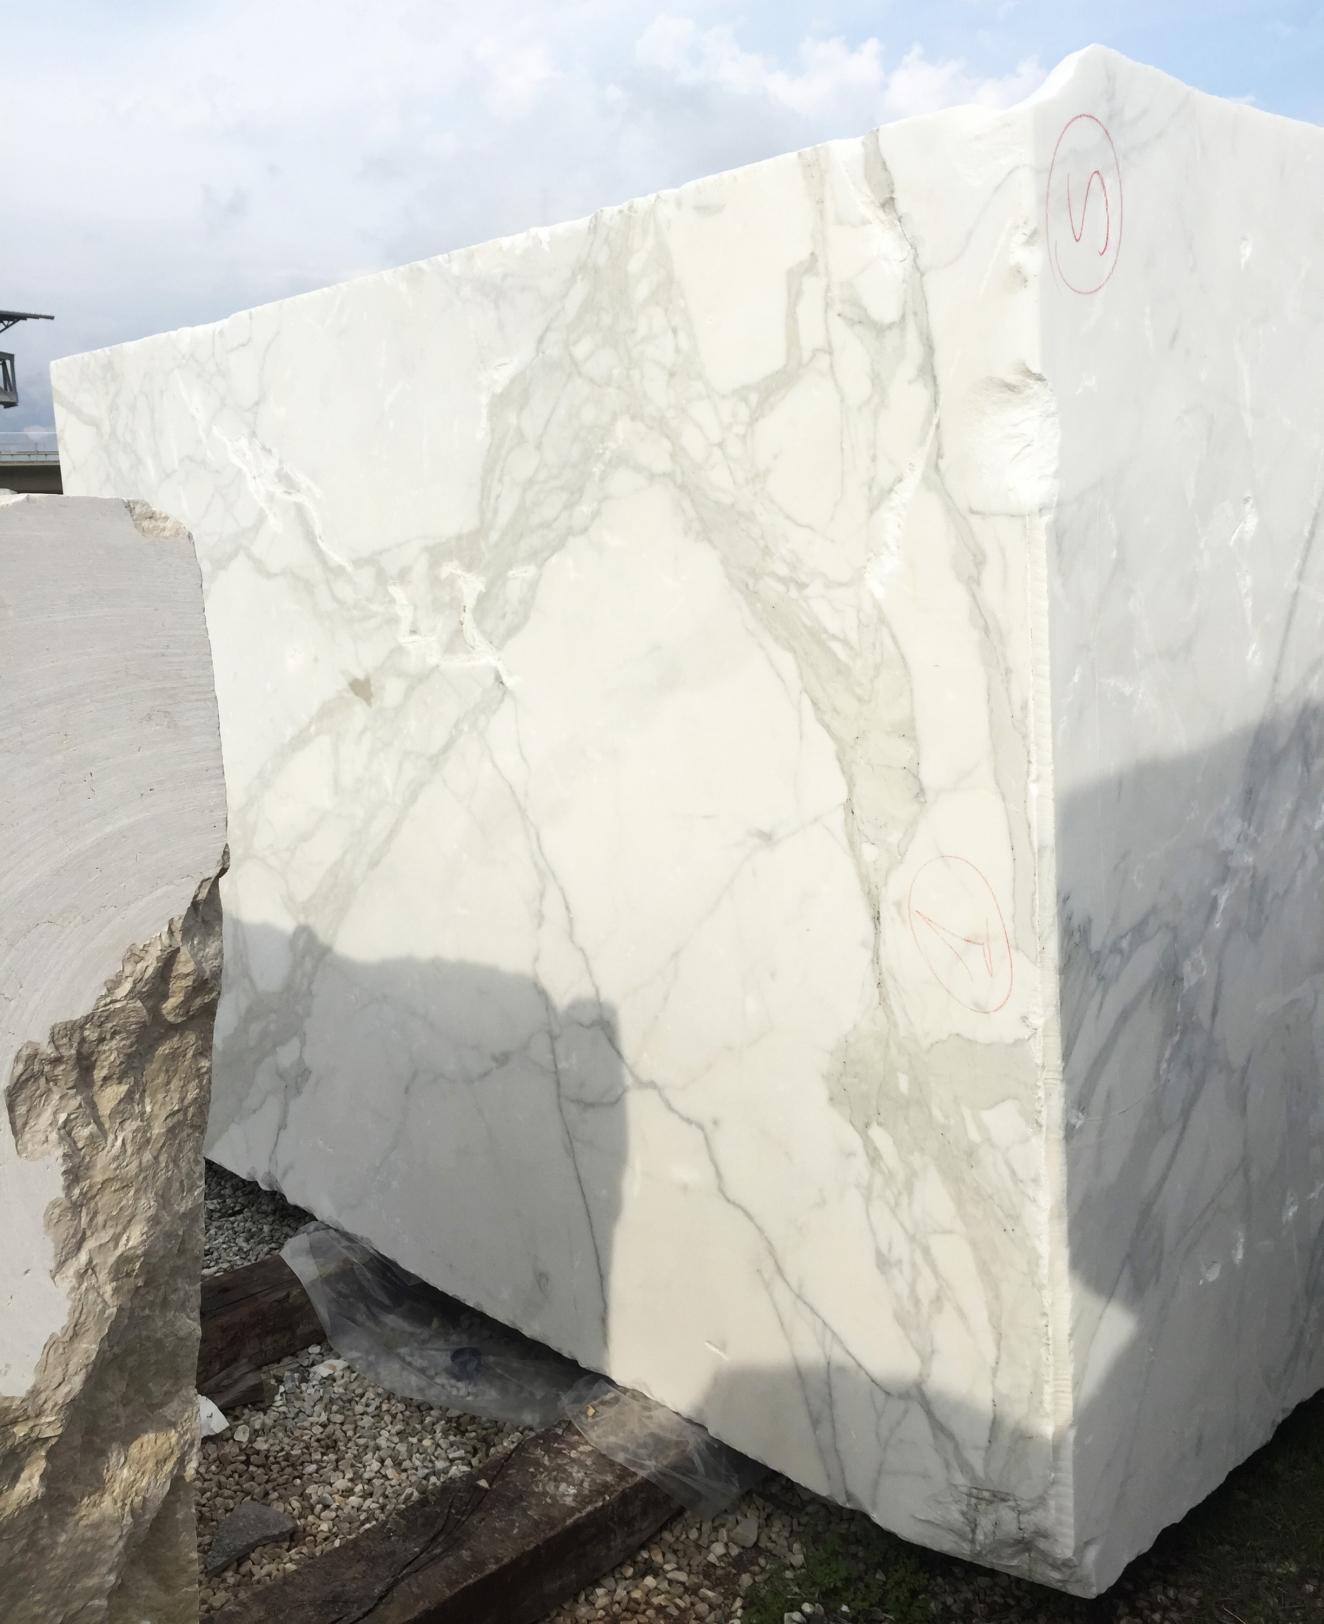 CALACATTA ORO EXTRA Suministro Veneto (Italia) de bloques ásperos en mármol natural 2628 , Face A